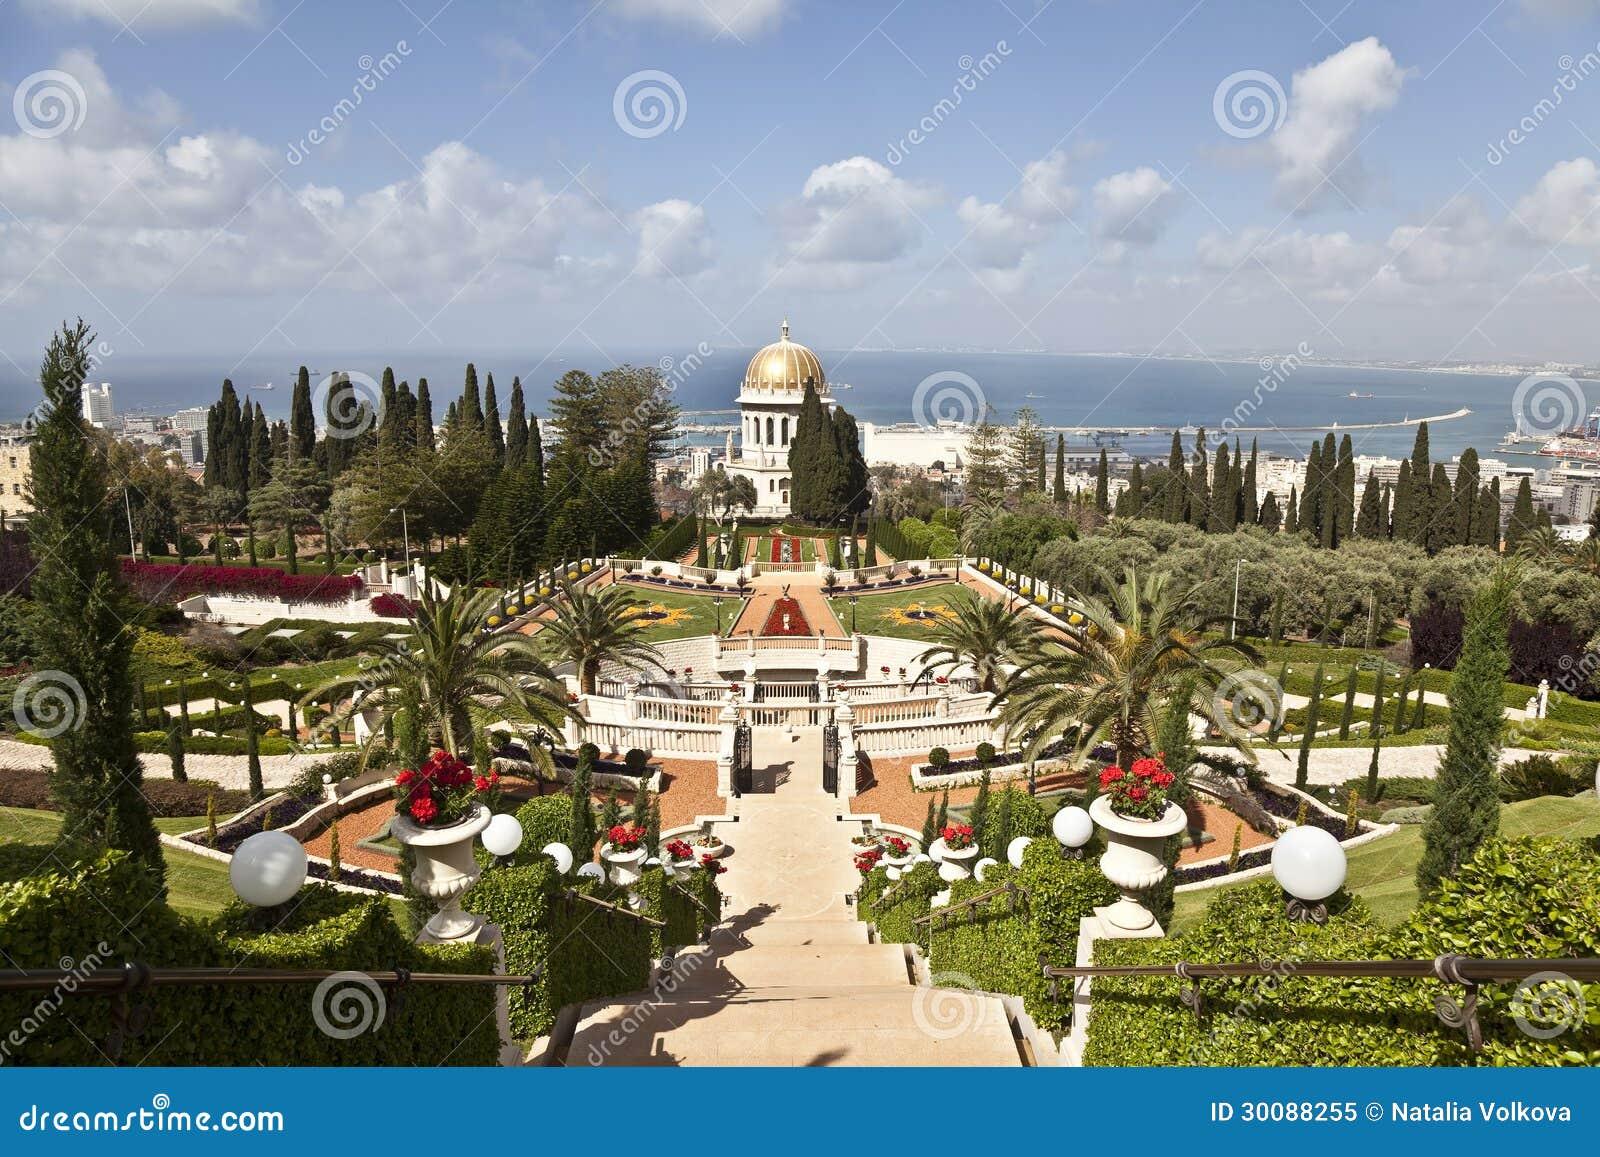 Jardins de bahai ha fa isra l photo libre de droits for Les jardins de la ville